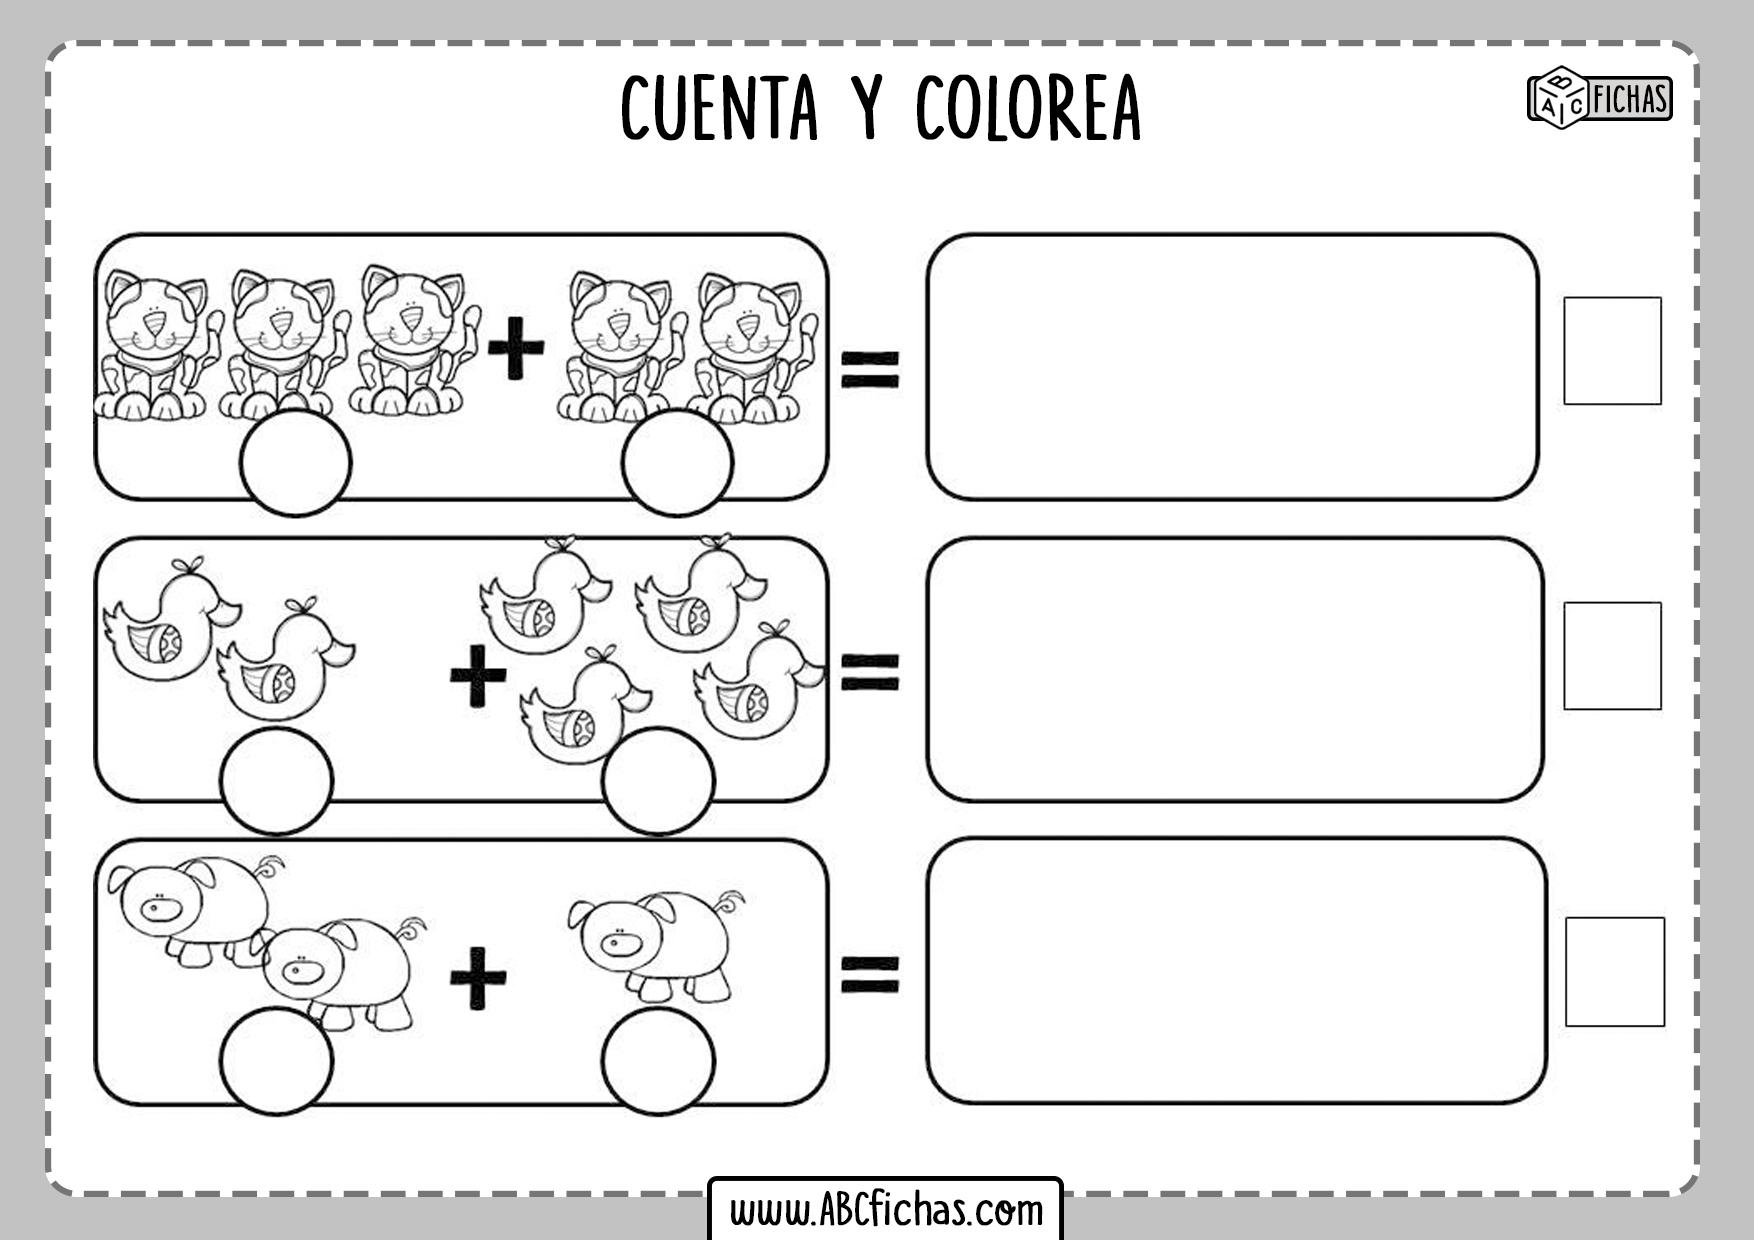 Fichas de sumar y colorear